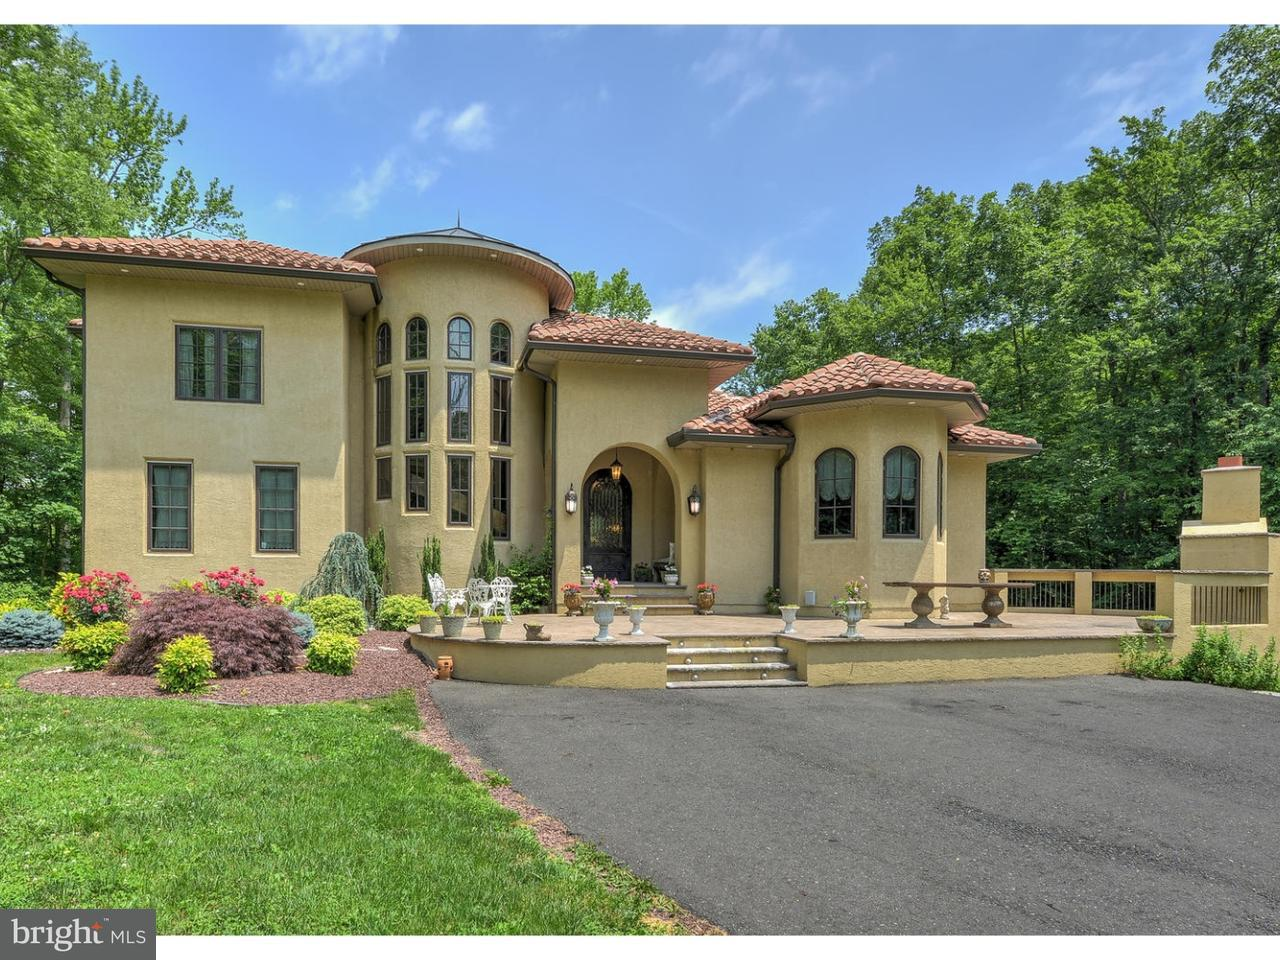 Частный односемейный дом для того Продажа на 1208 JACKSONVILLE SMITHVILLE Springfield, Нью-Джерси 08505 Соединенные Штаты